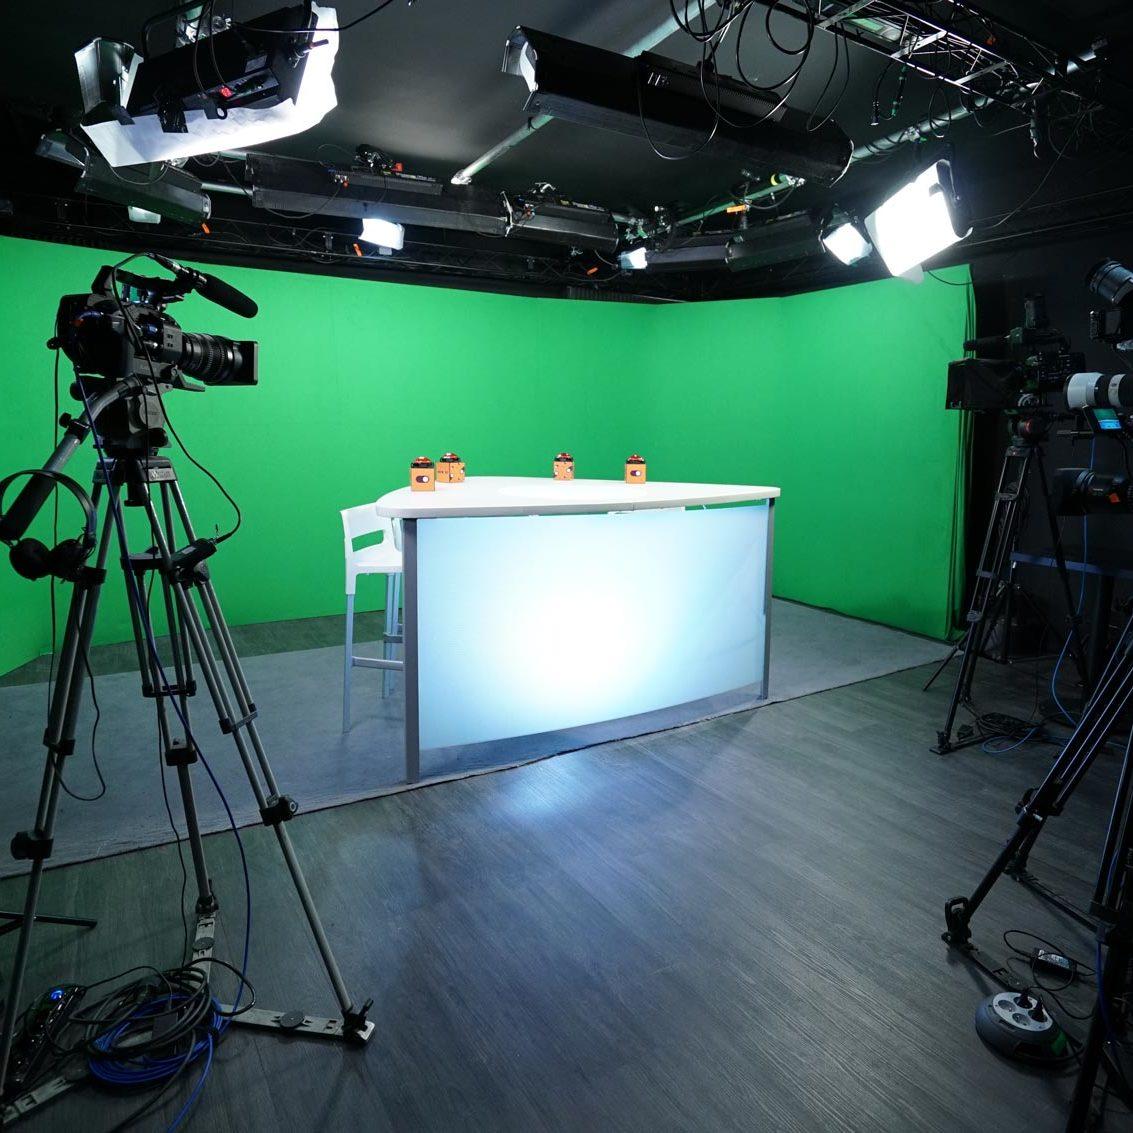 Green screen for talk show - Paris - Videology Studio